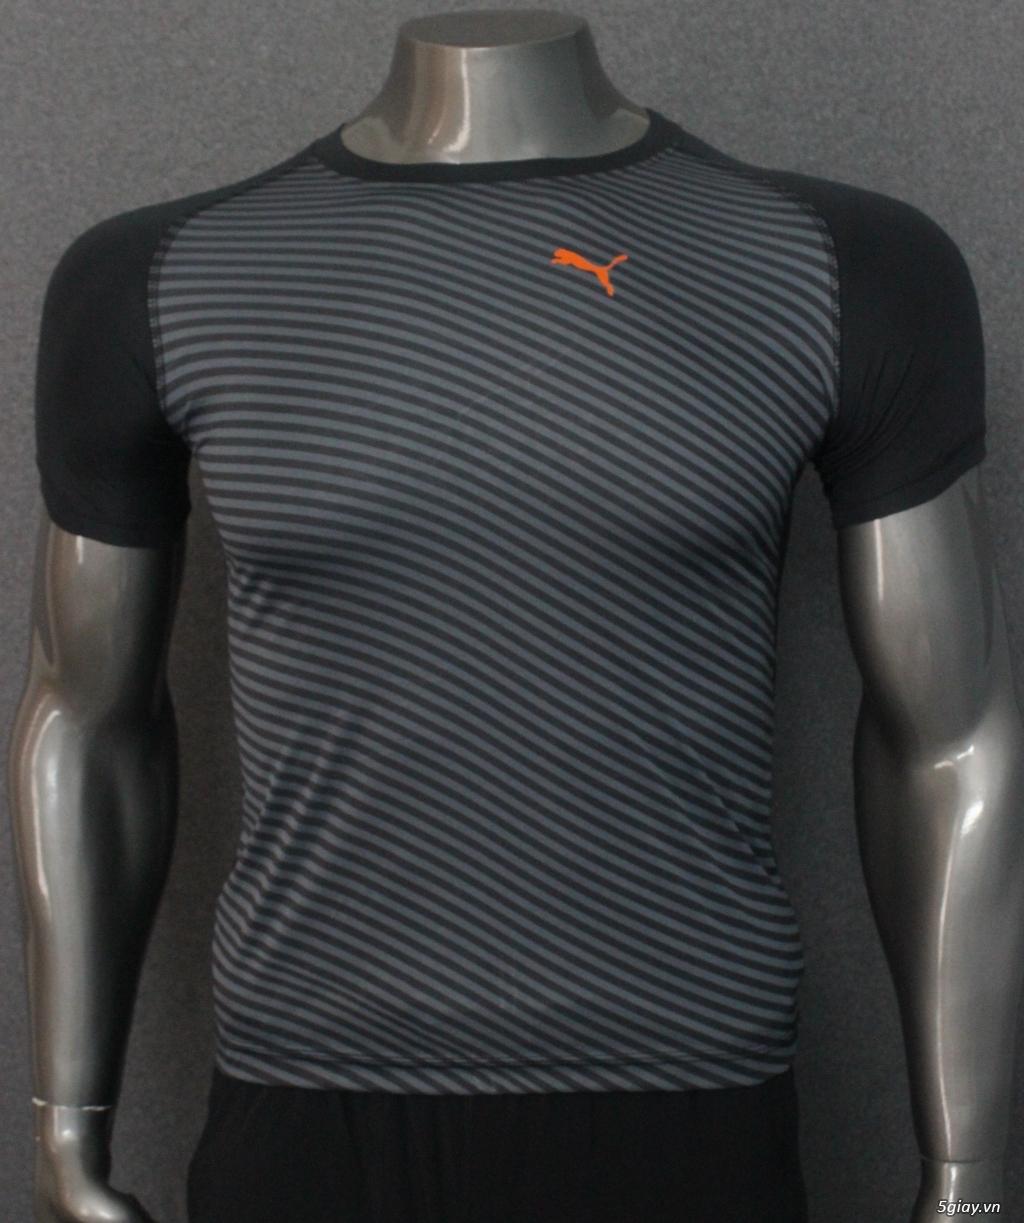 Chuyên cung cấp quần áo thể thao Adidas,Nike,Under Armour,Puma...trên Toàn Quốc giá xưởng - 44